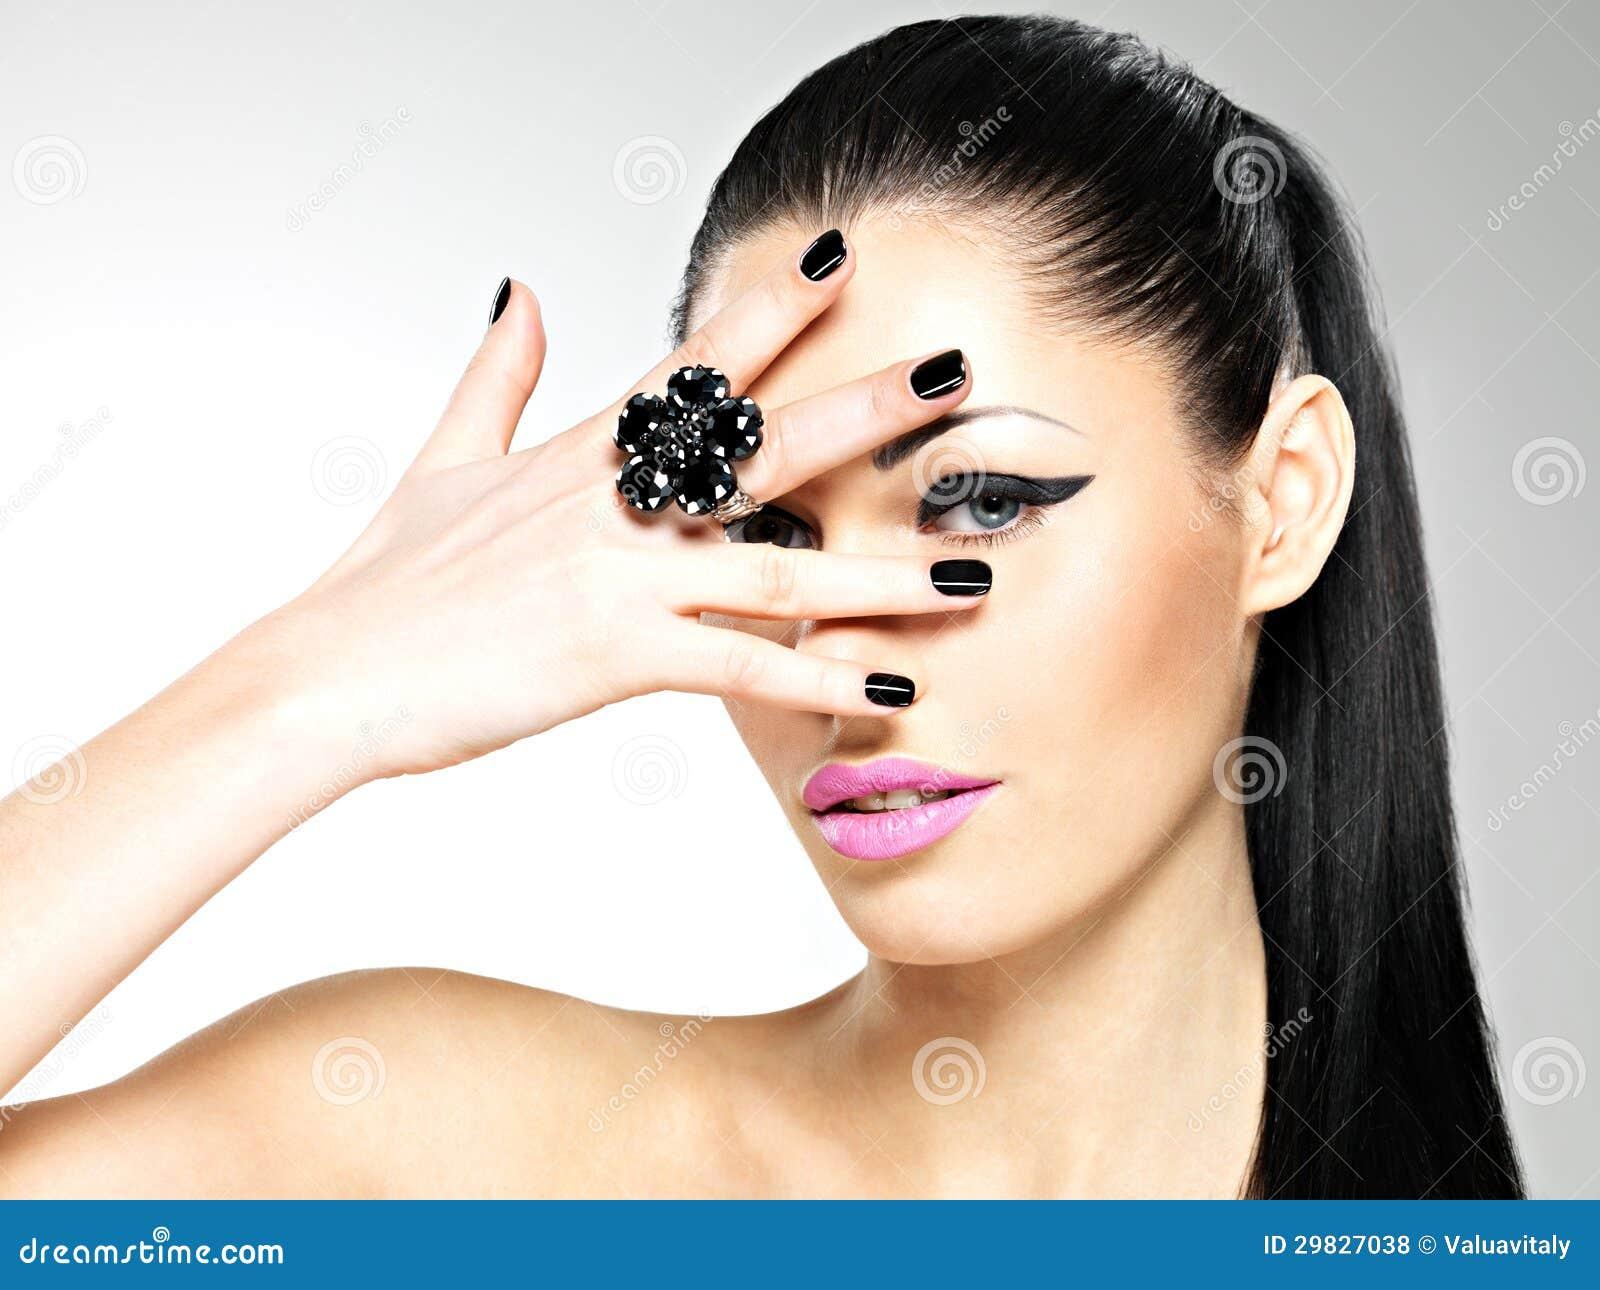 Секс девушки с чёрными ногтями 10 фотография